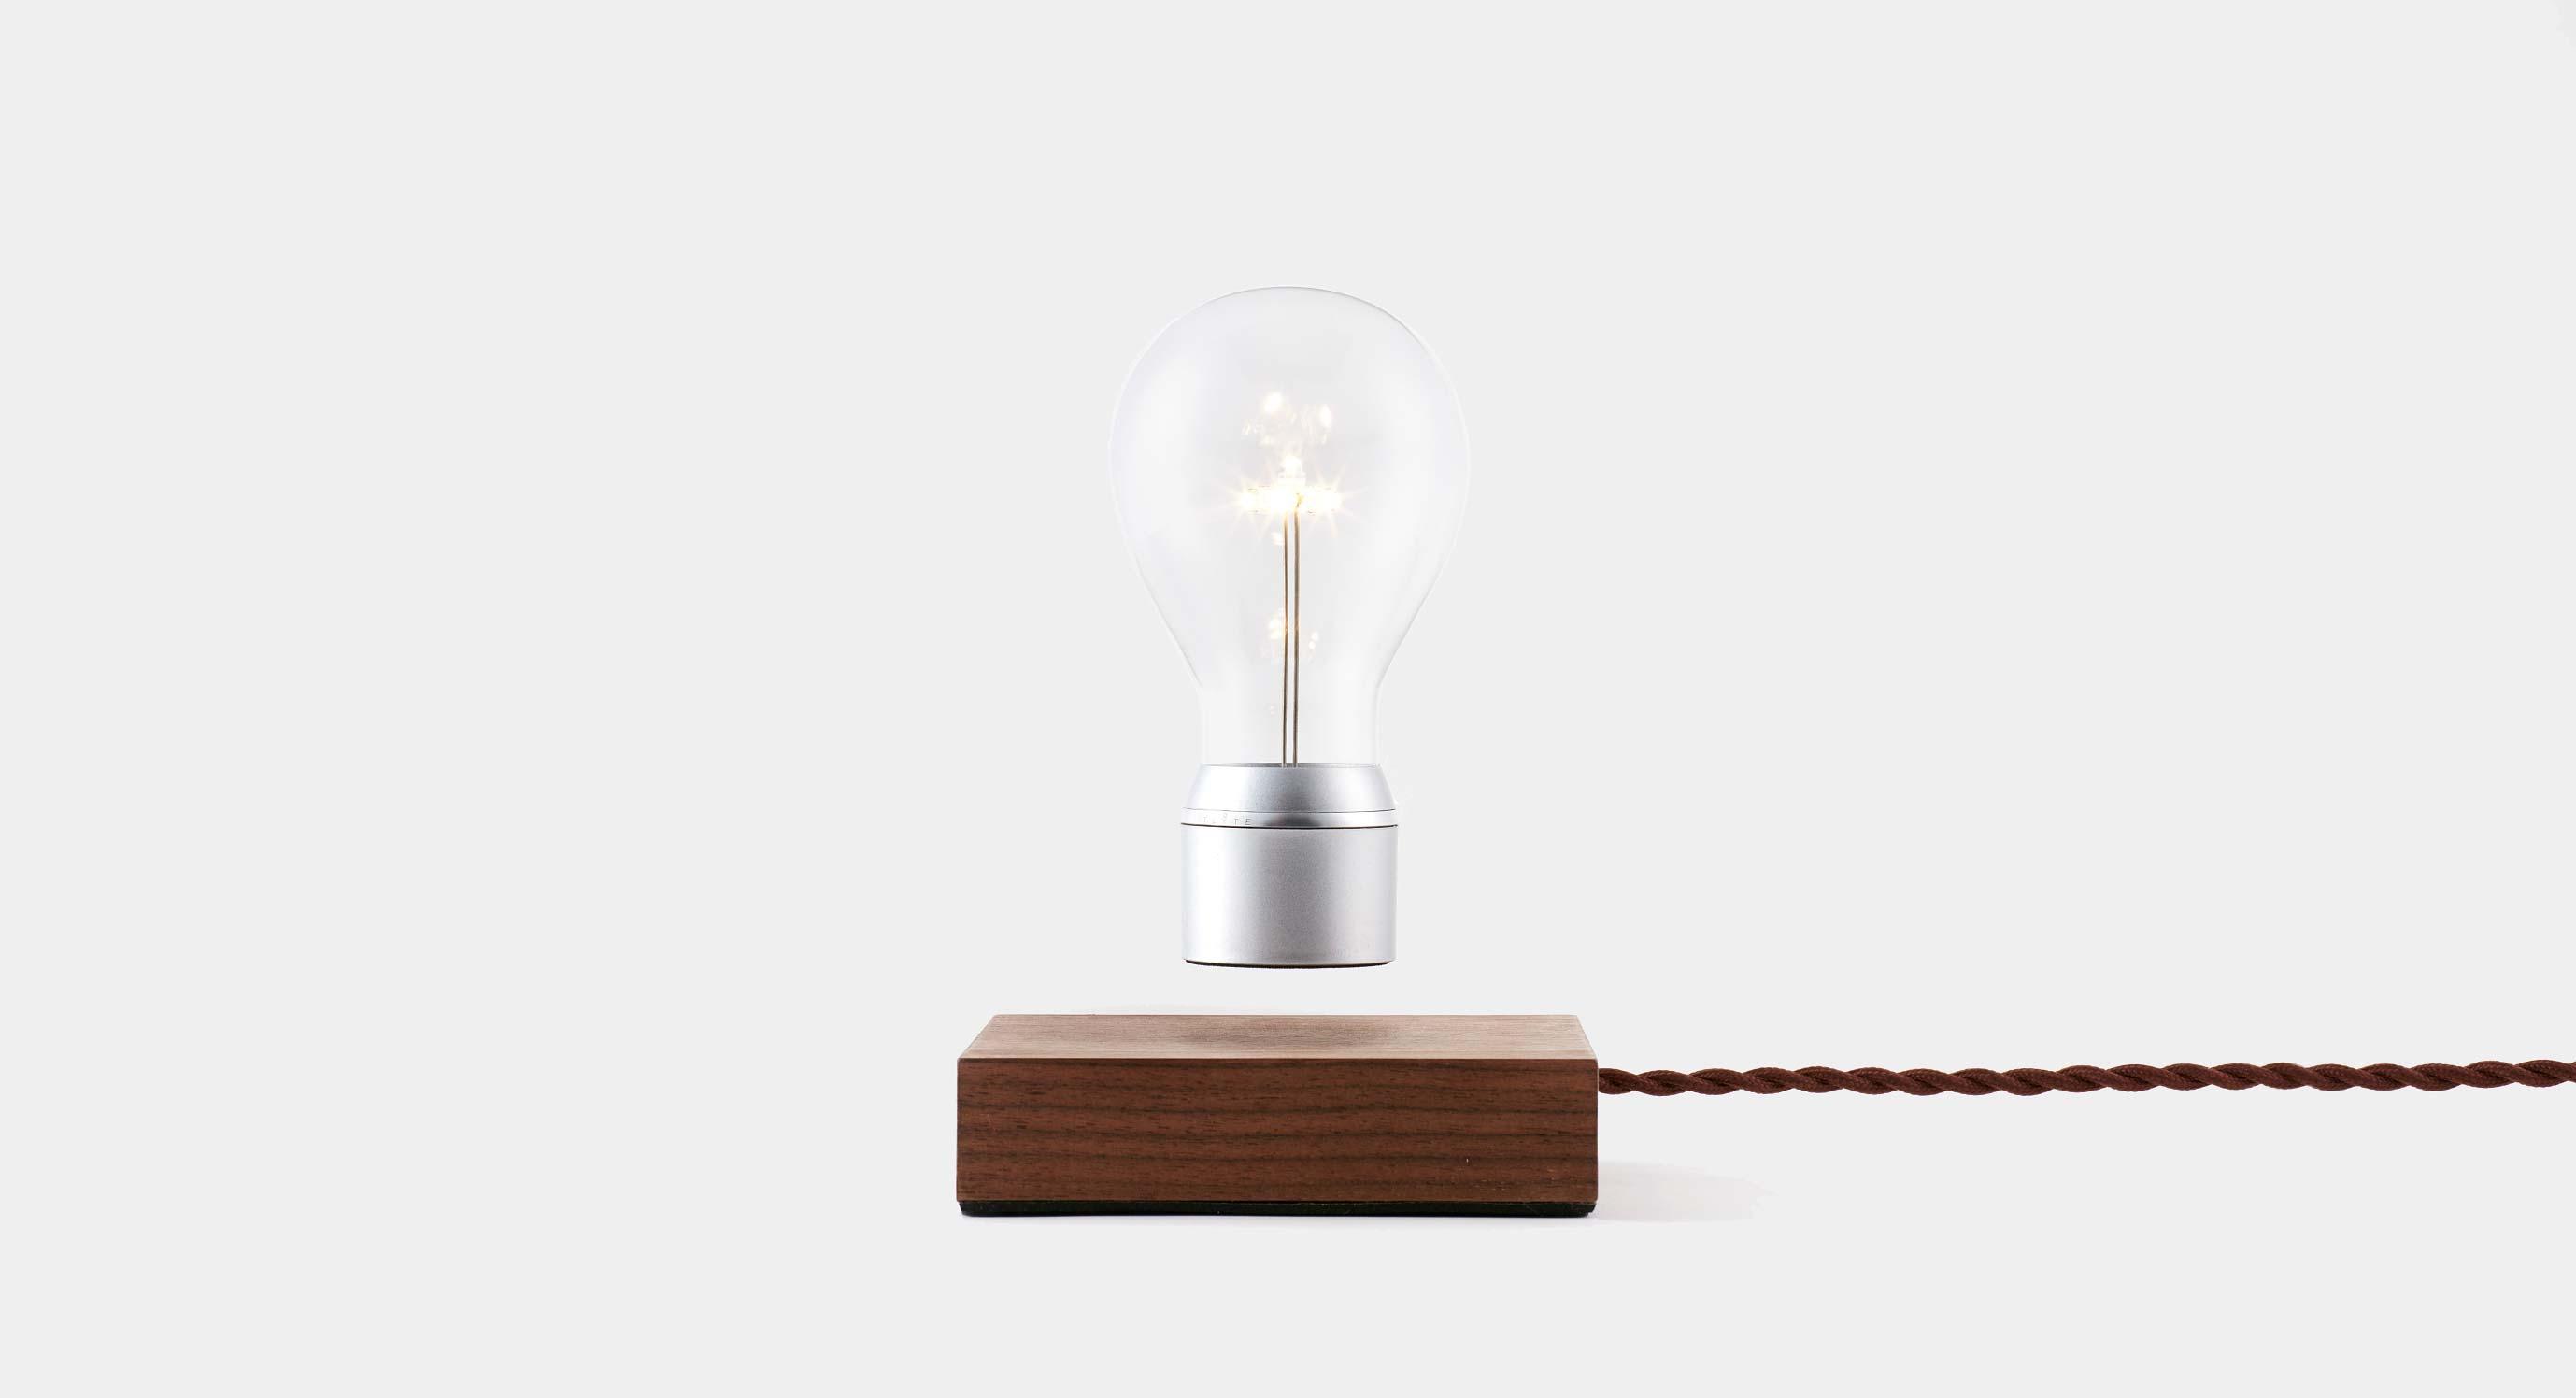 The FLYTE Levitating Light Bulb Review